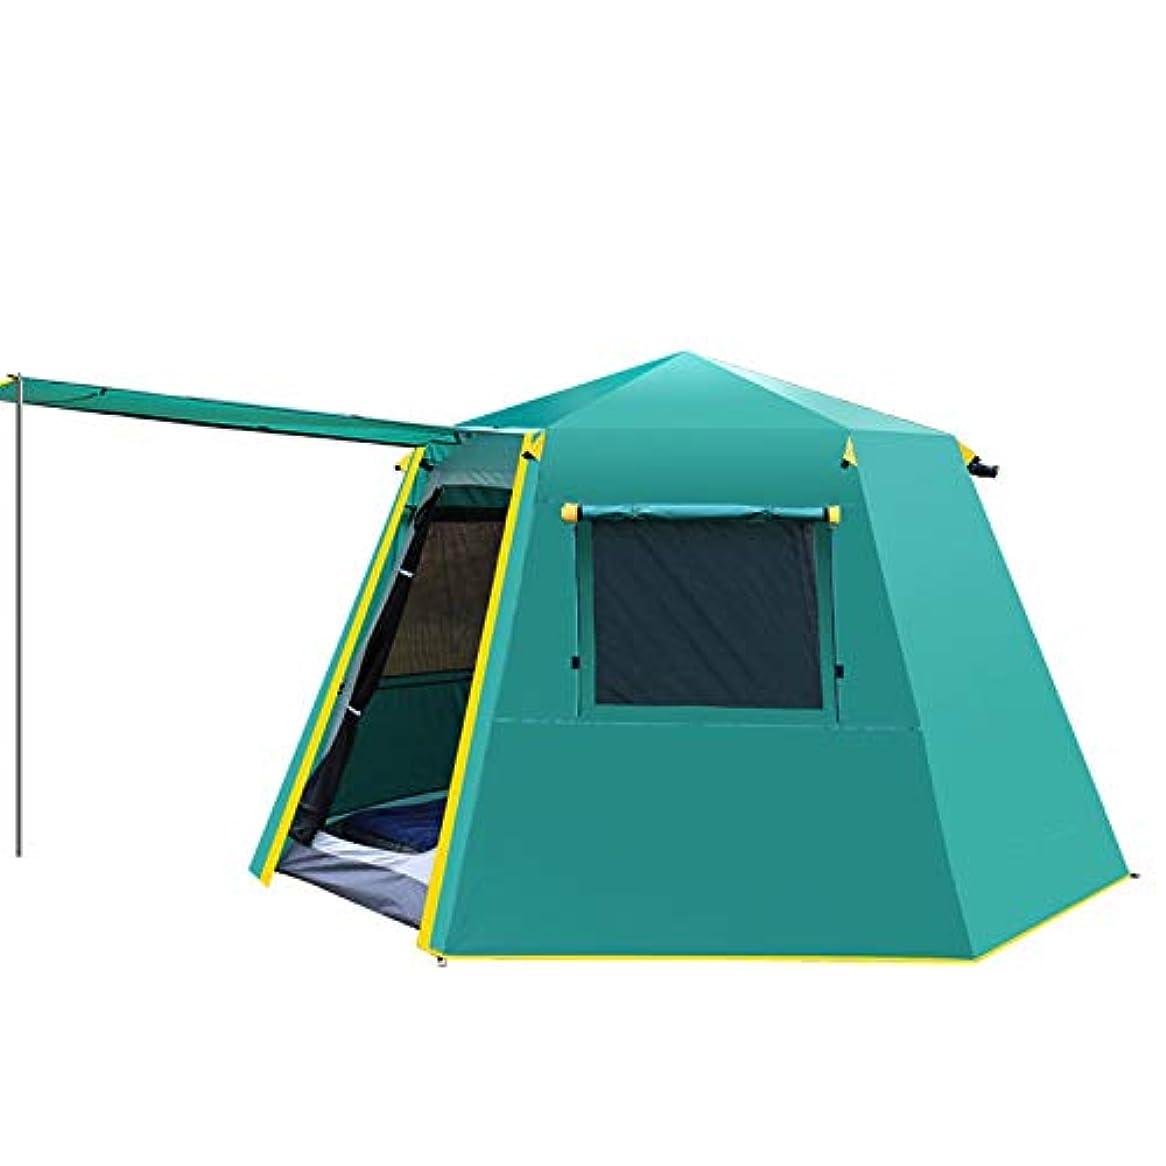 歌詞里親乳XBRキャンプテント高級テントウォーキングアップライト屋外キャンプ独立スペース3-4人多機能自動クイックオープニングビッグテントキャンプビーチパーク